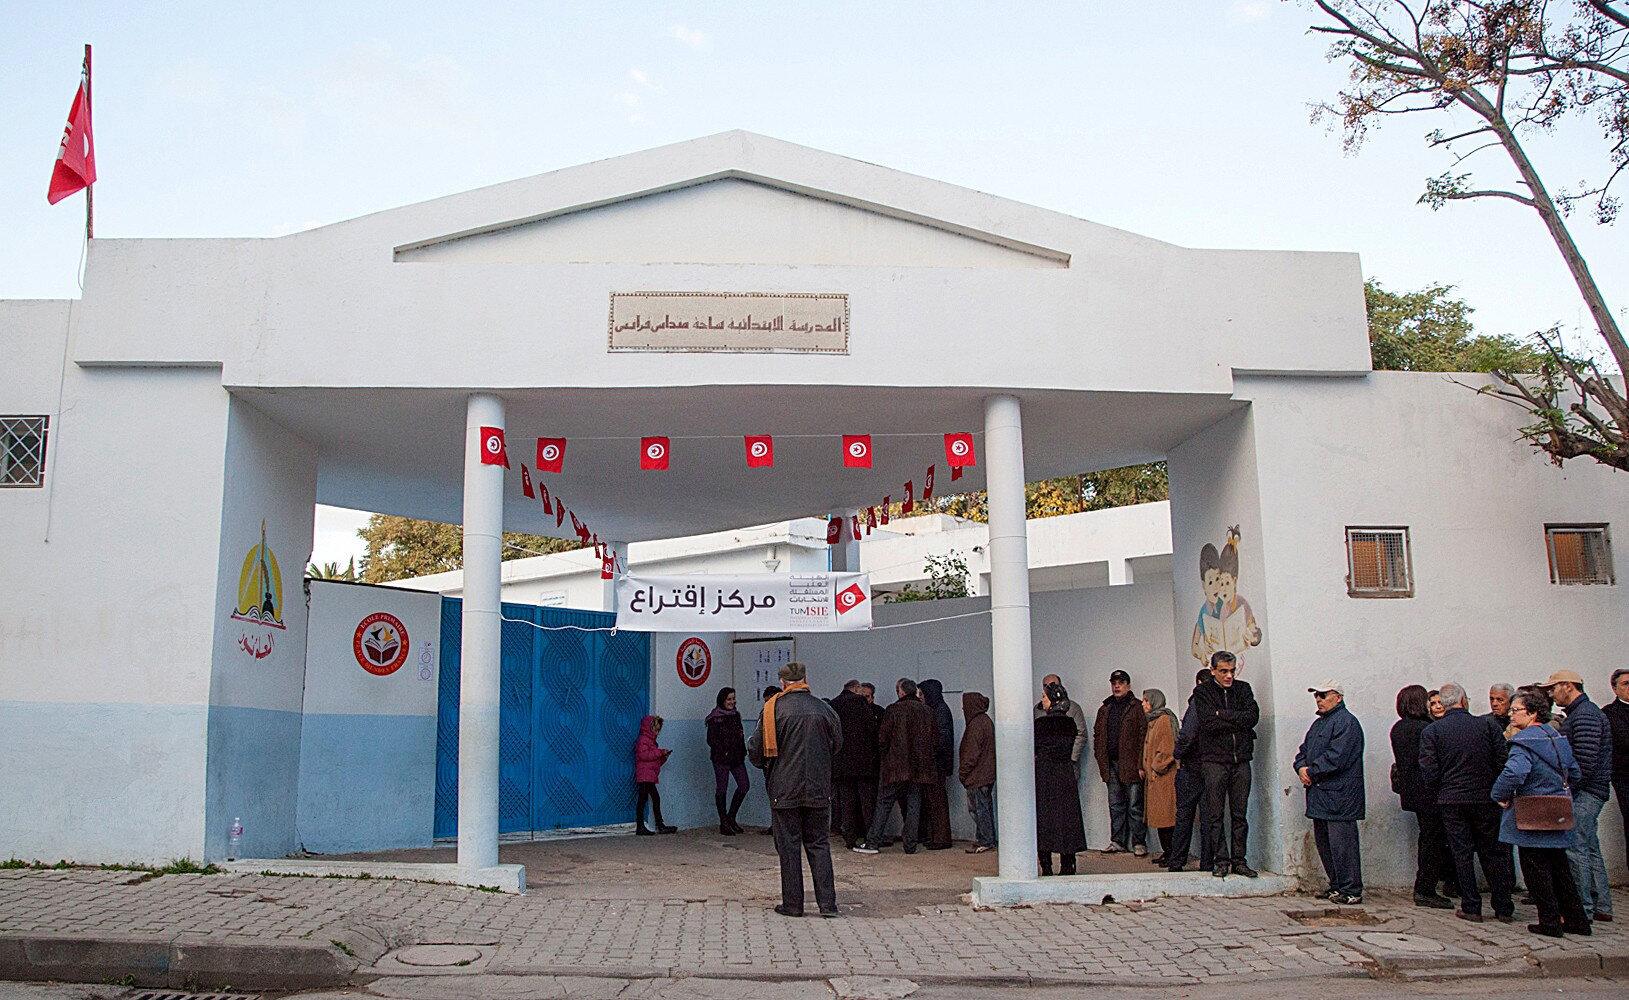 Élections 2019: 910.000 nouveaux inscrits sur le registre électoral, l'ISIE espère dépasser le